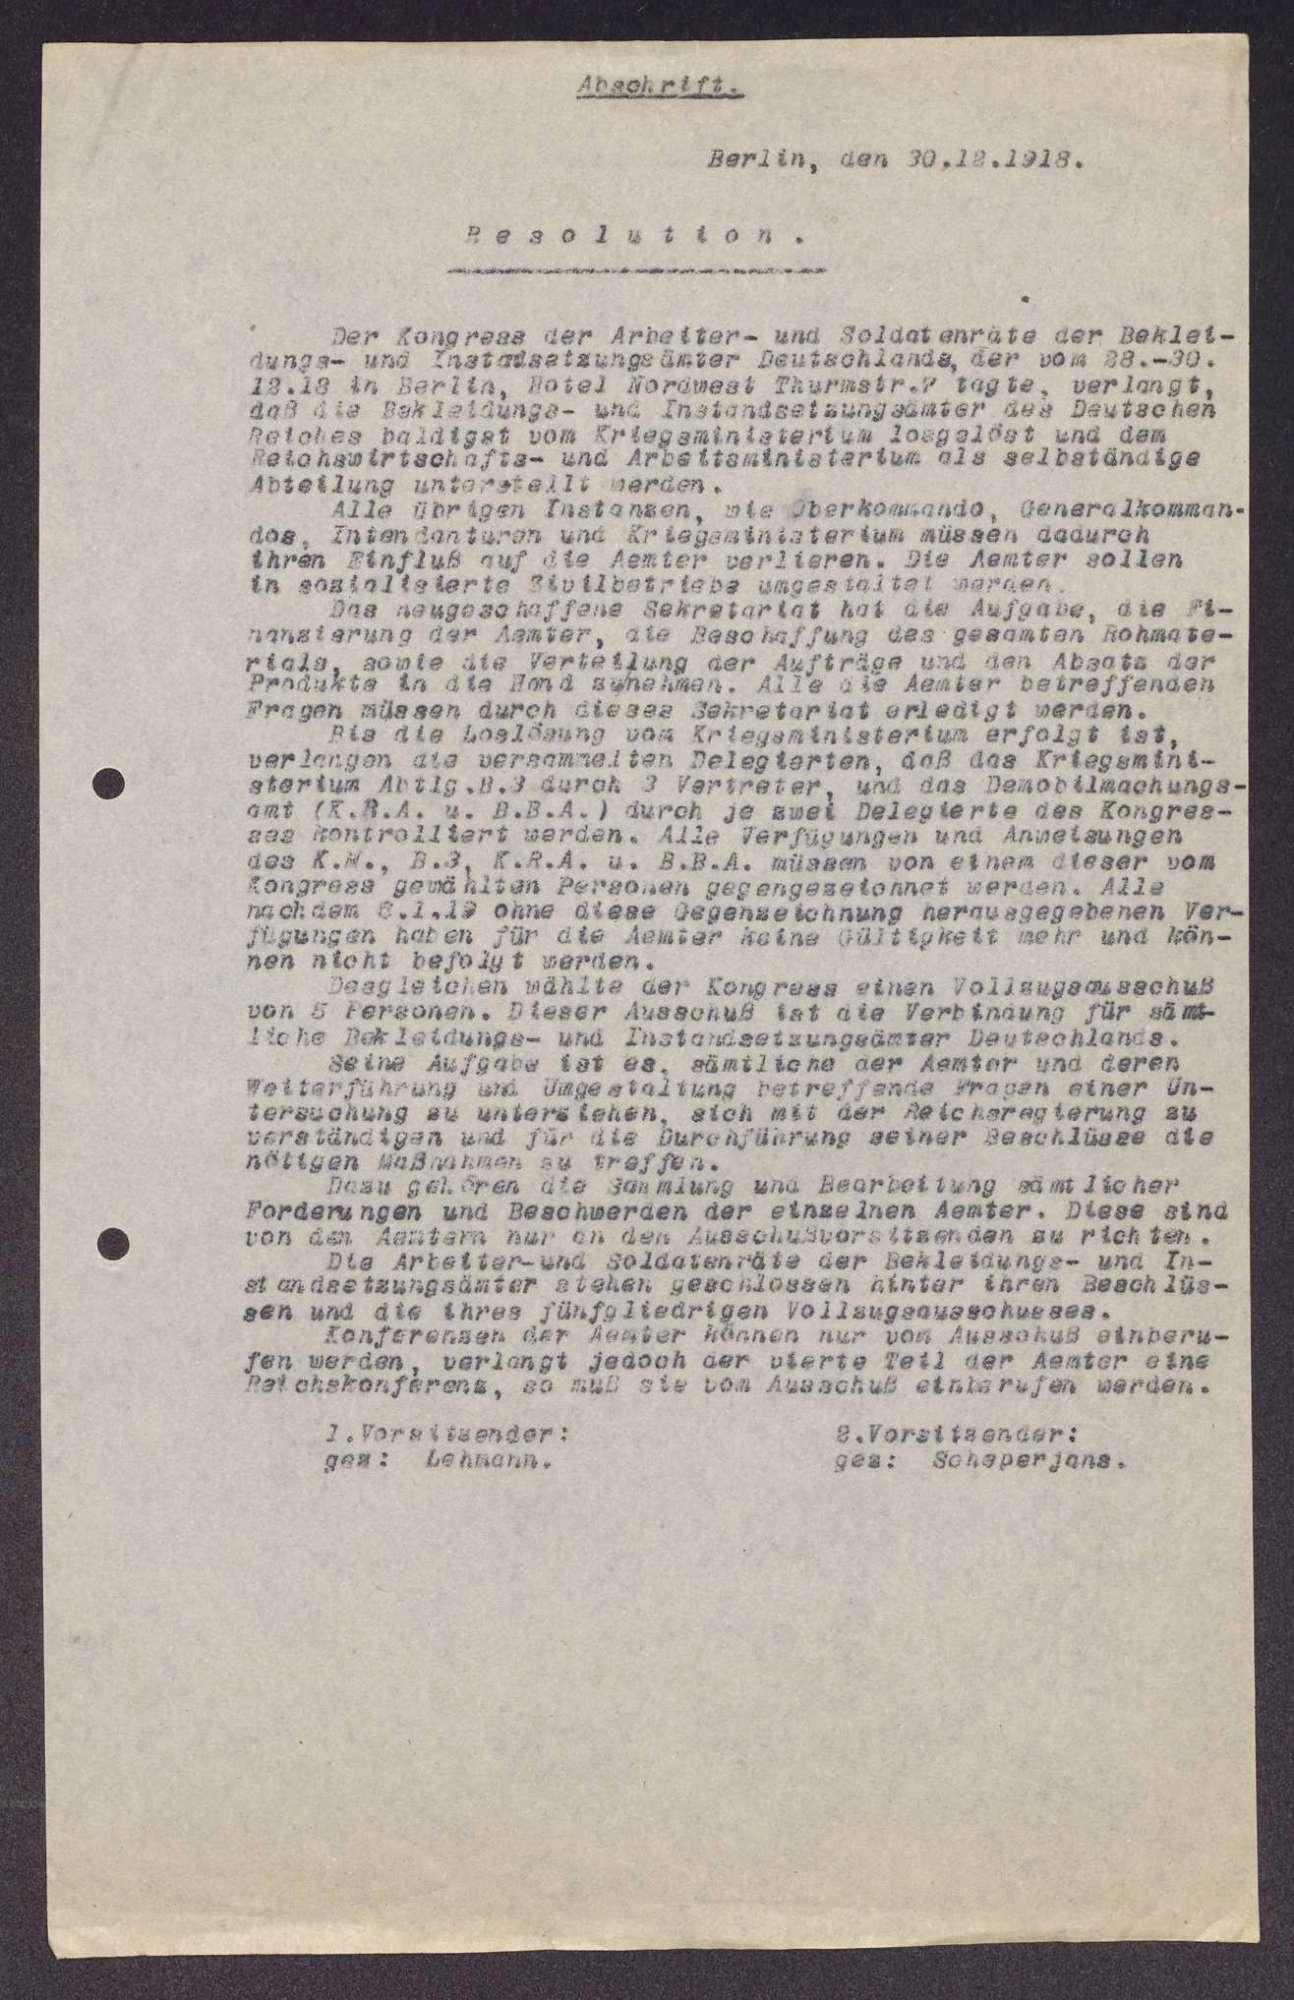 Beschlüsse des Kongresses der Arbeiter- und Soldatenräte der deutschen Bekleidungs- und Instandsetzungsämter in Berlin, Bild 3